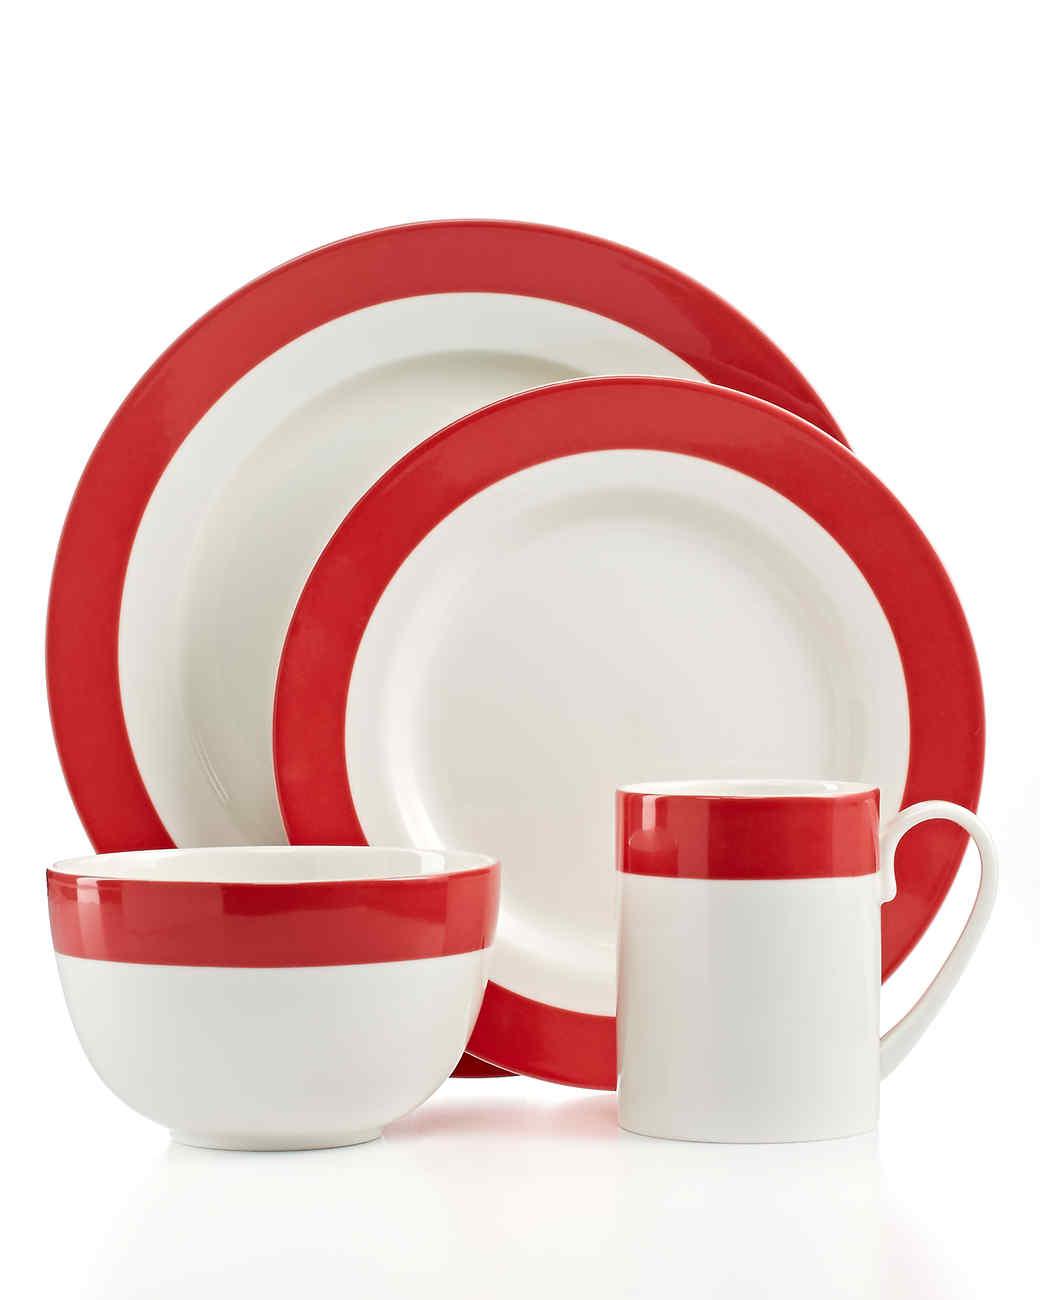 msmacys-classic-band-dinnerware-red-mrkt-1013.jpg